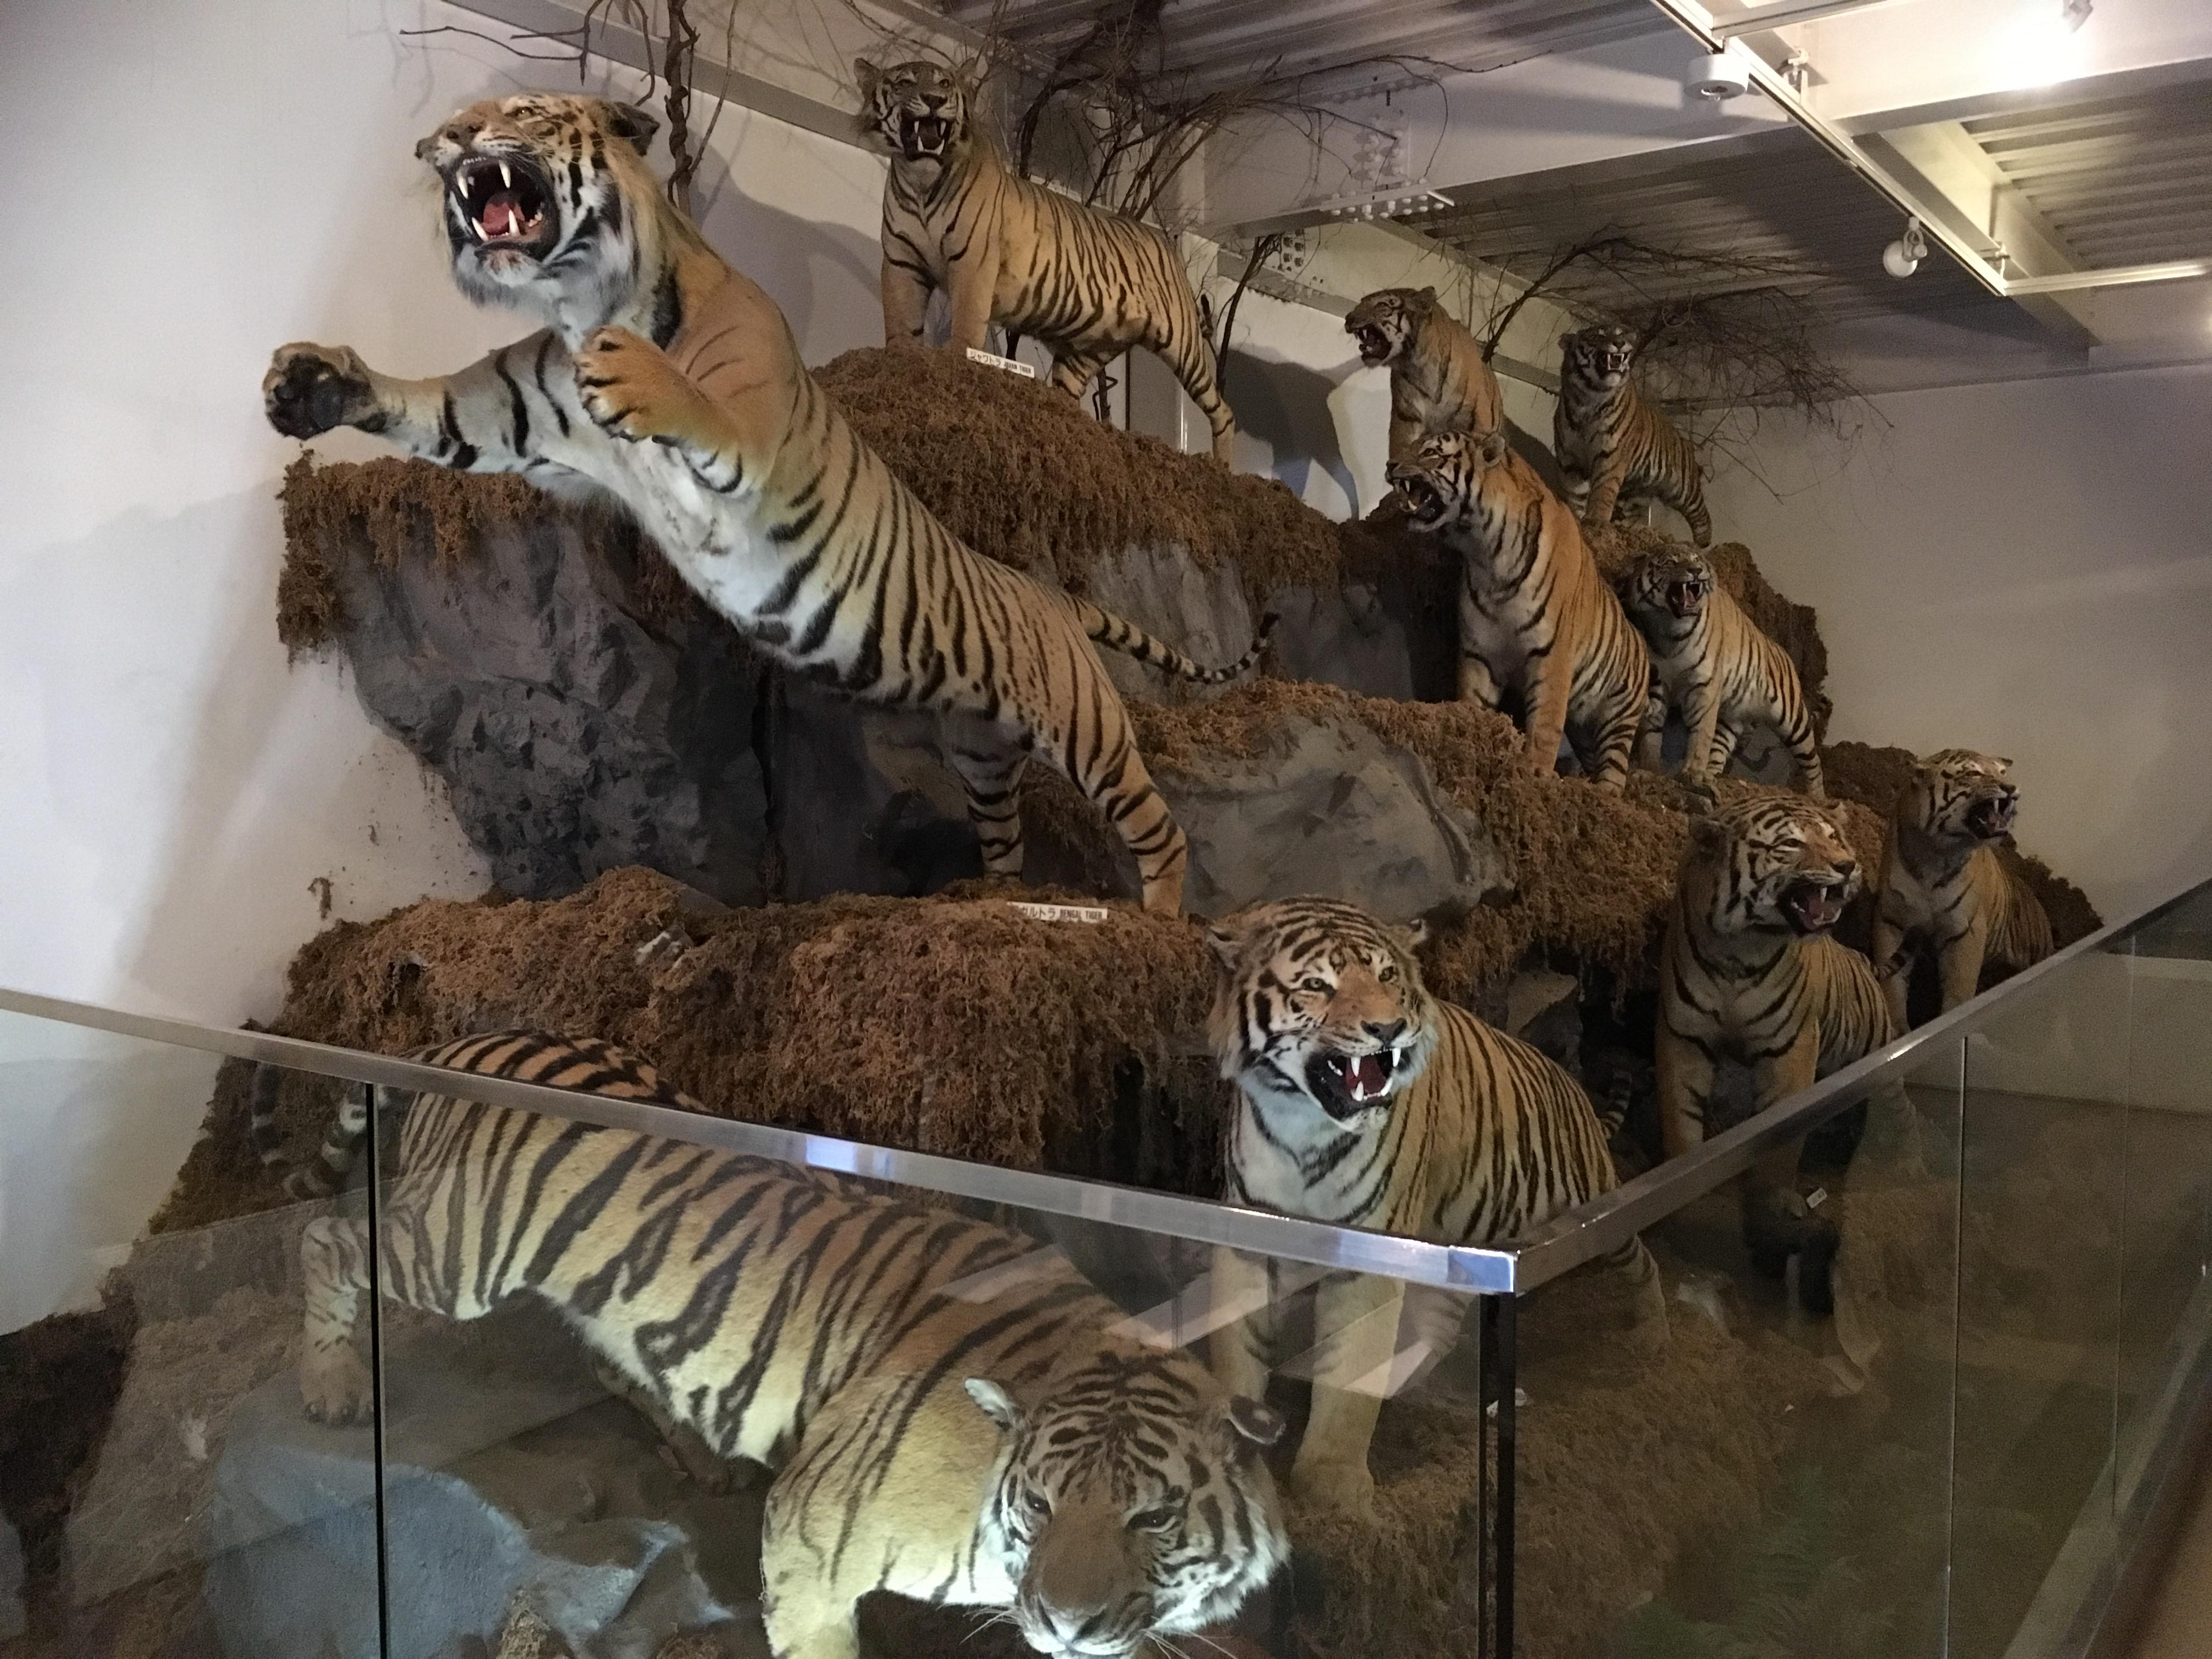 静岡の穴場ねこの博物館1階の虎たち